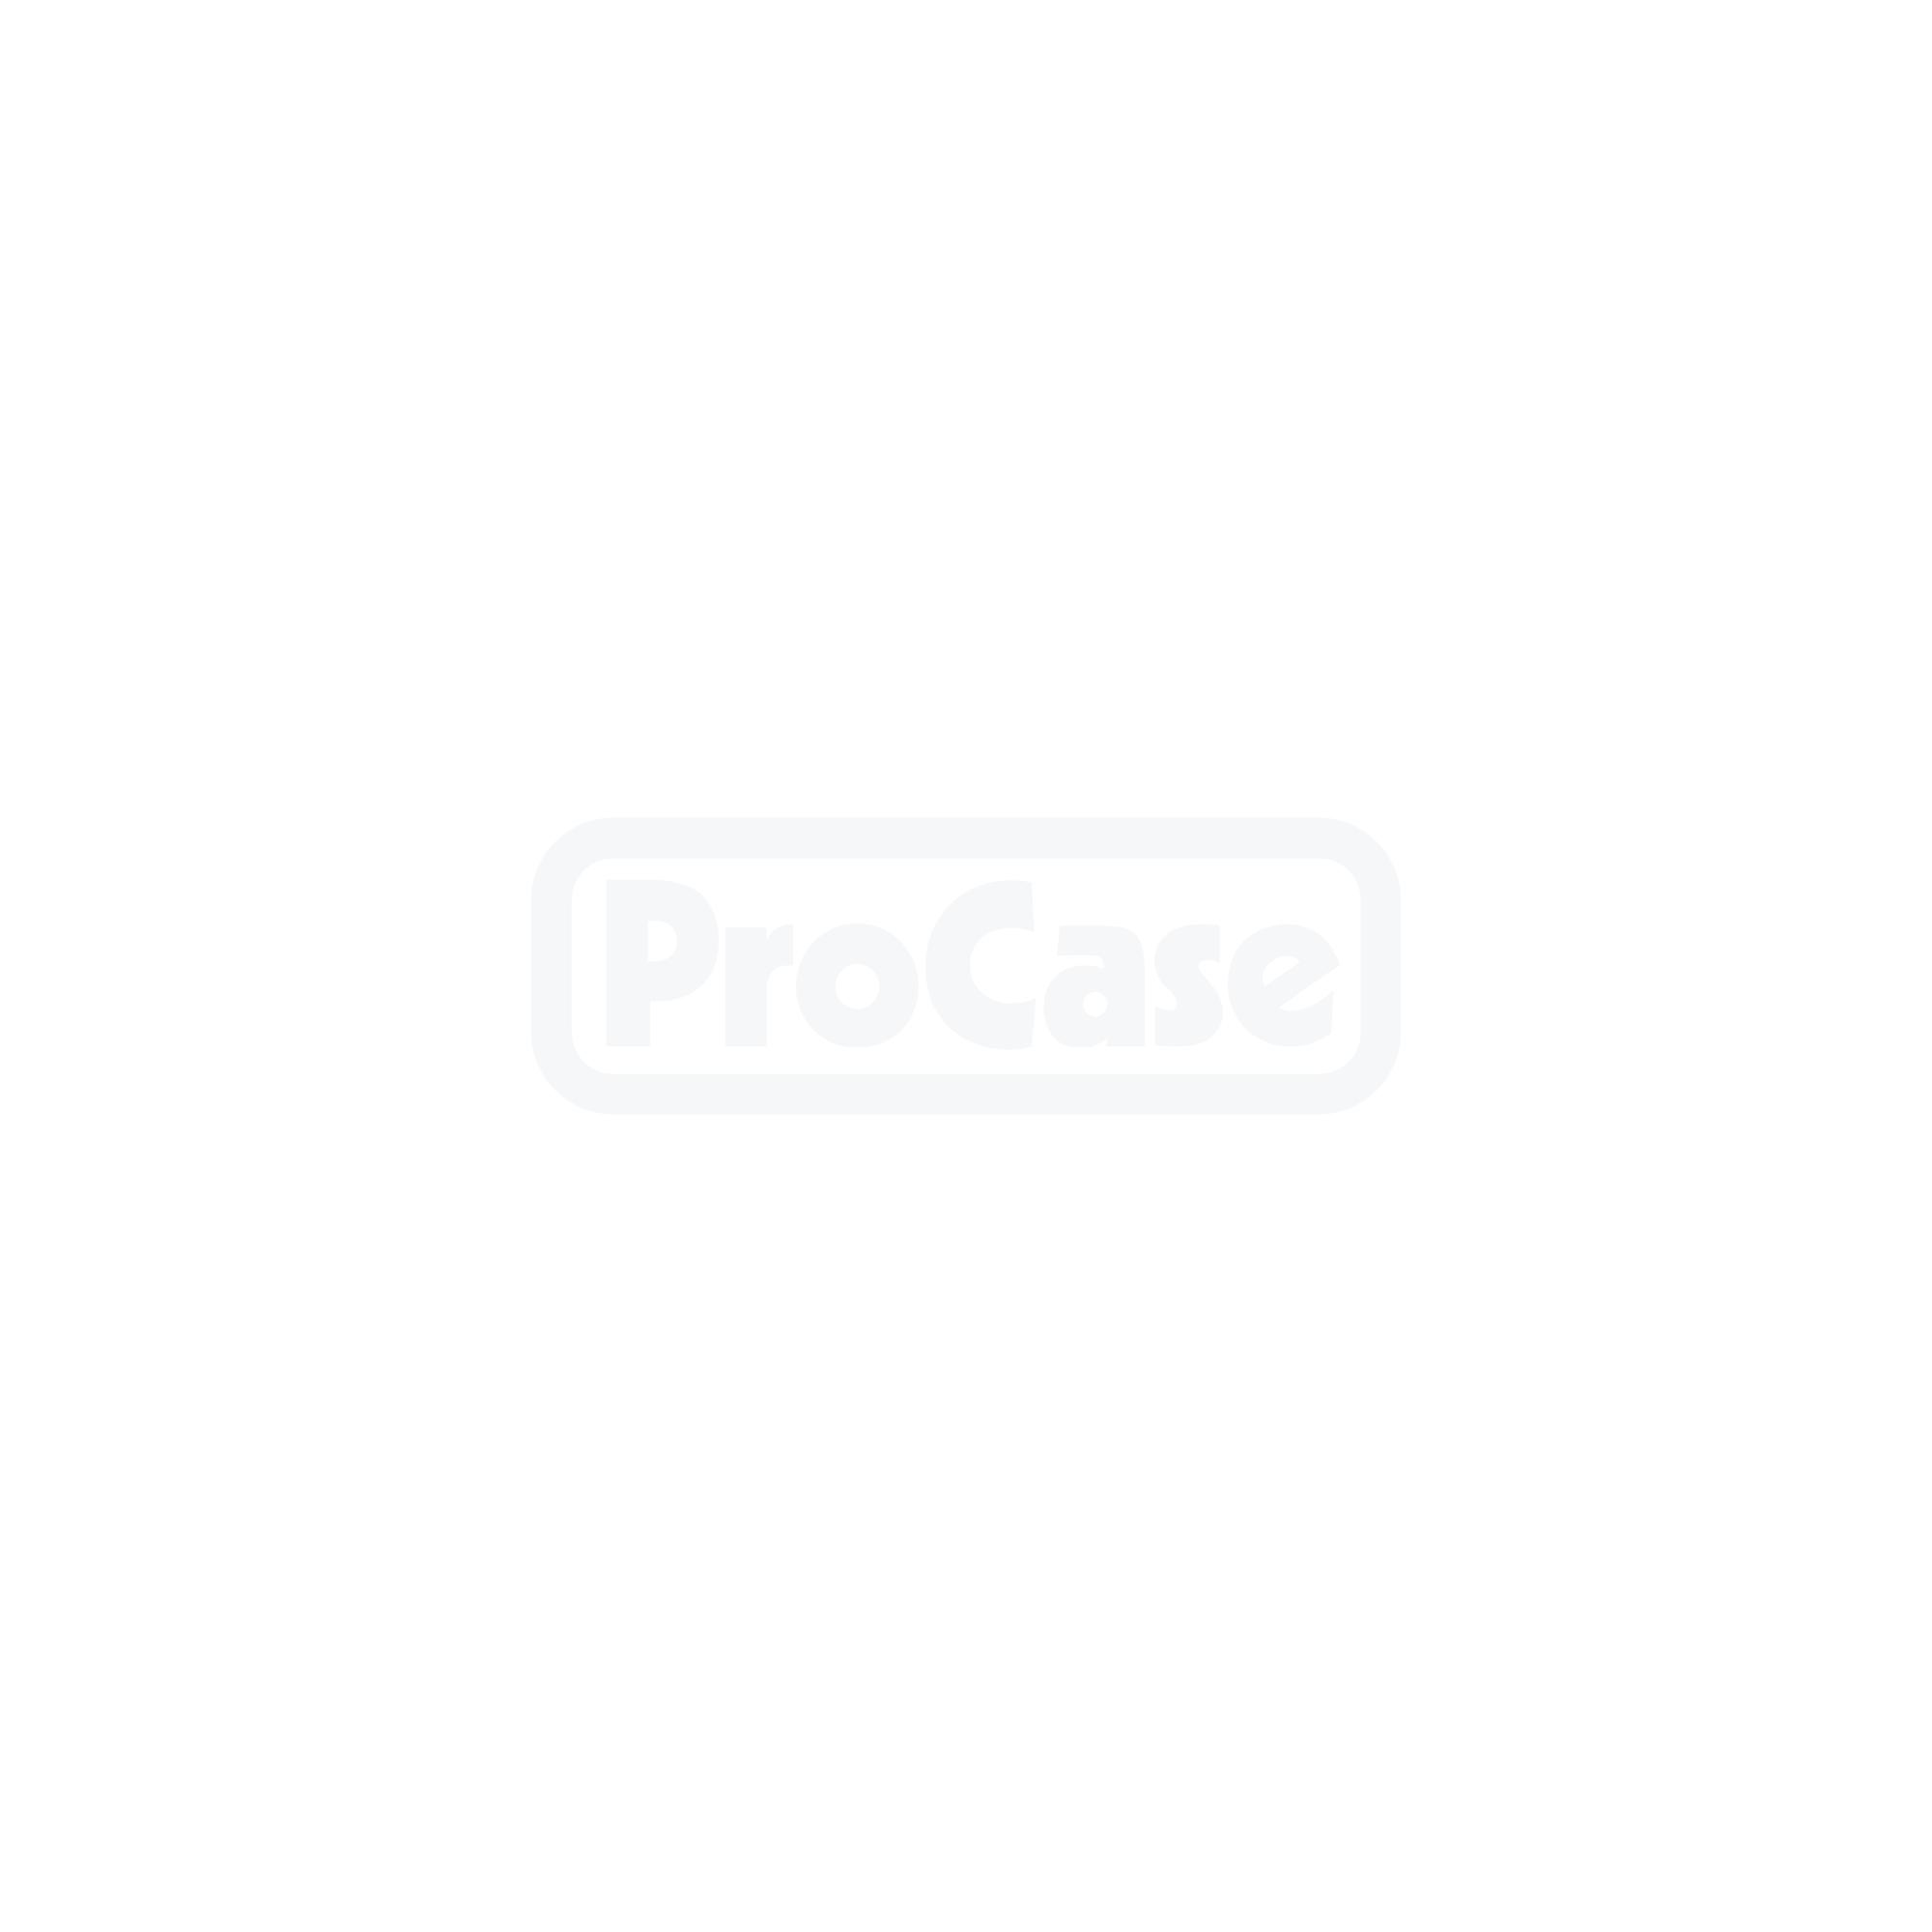 SKB 3i Koffer 2317-14 leer mit Trolley